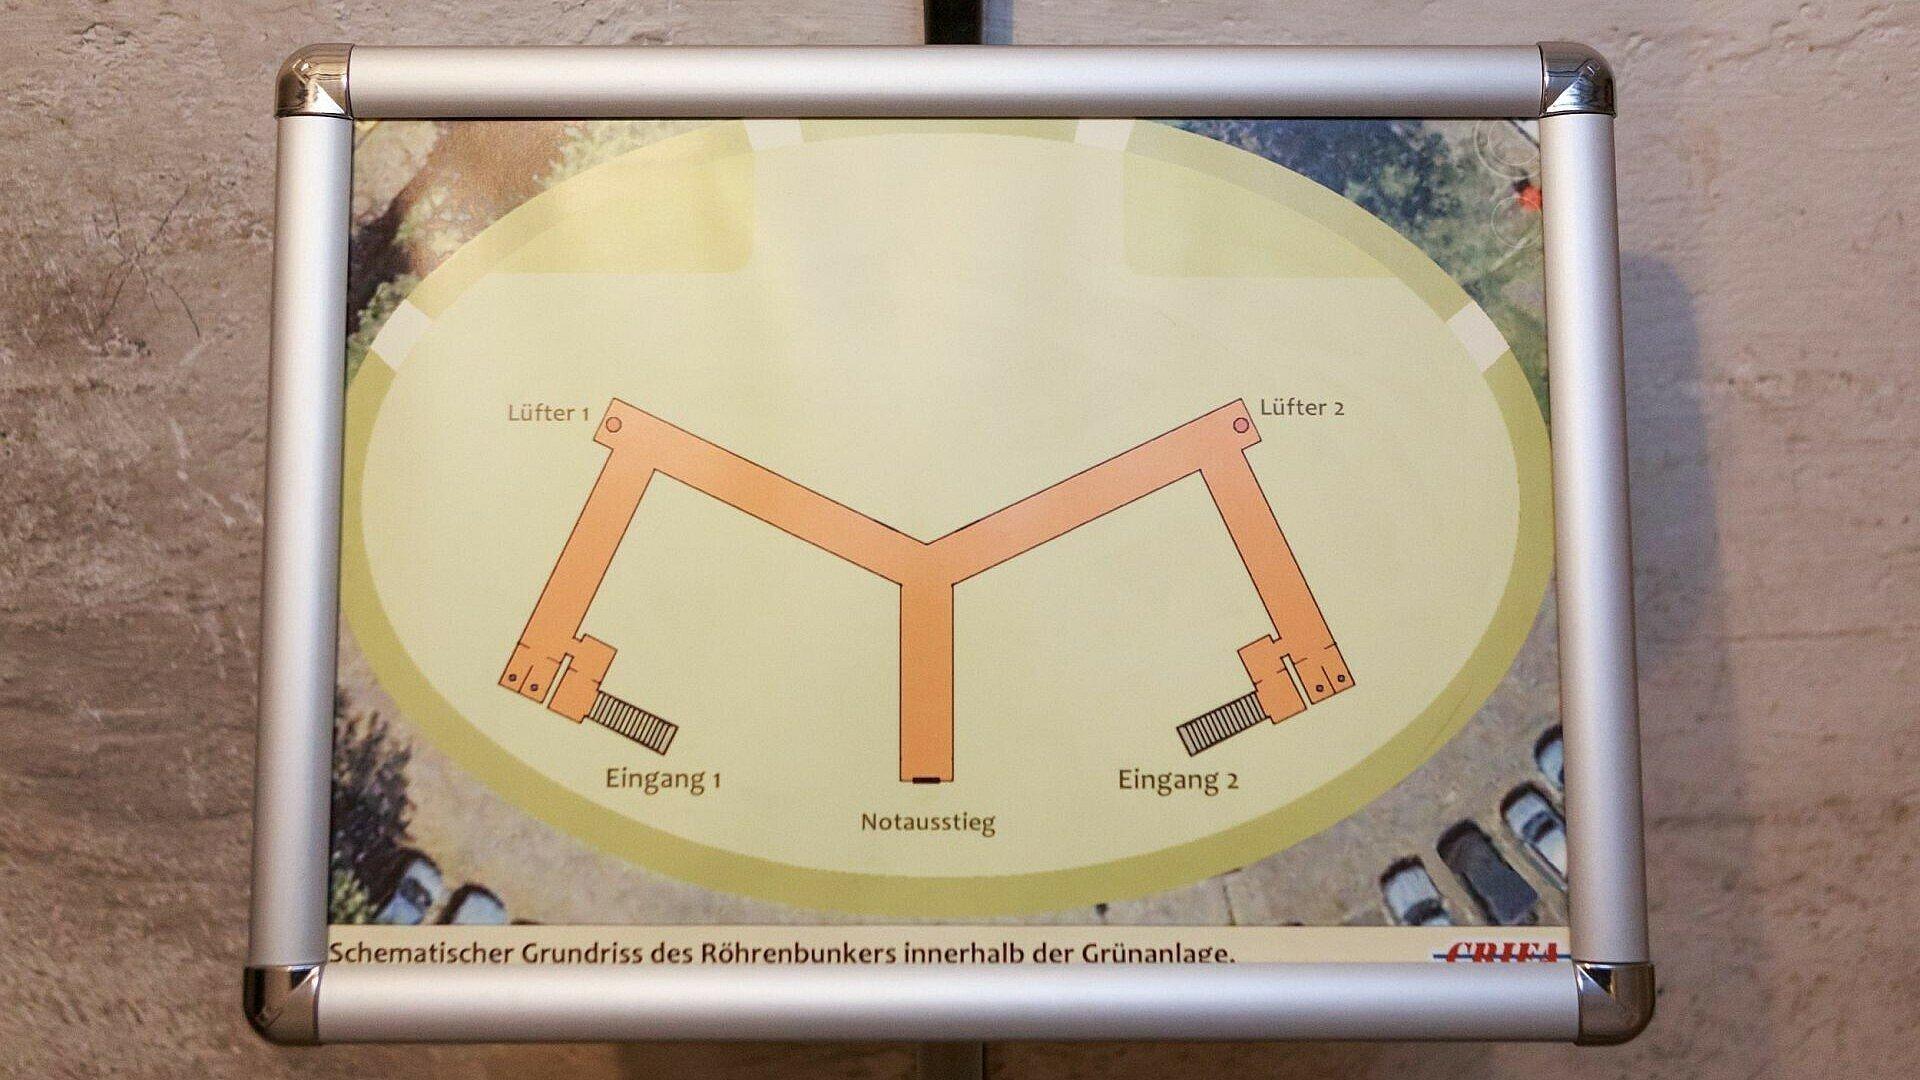 """Bild der Aufenthaltsbereiche des """"Röhrenbunkers"""" Köln"""